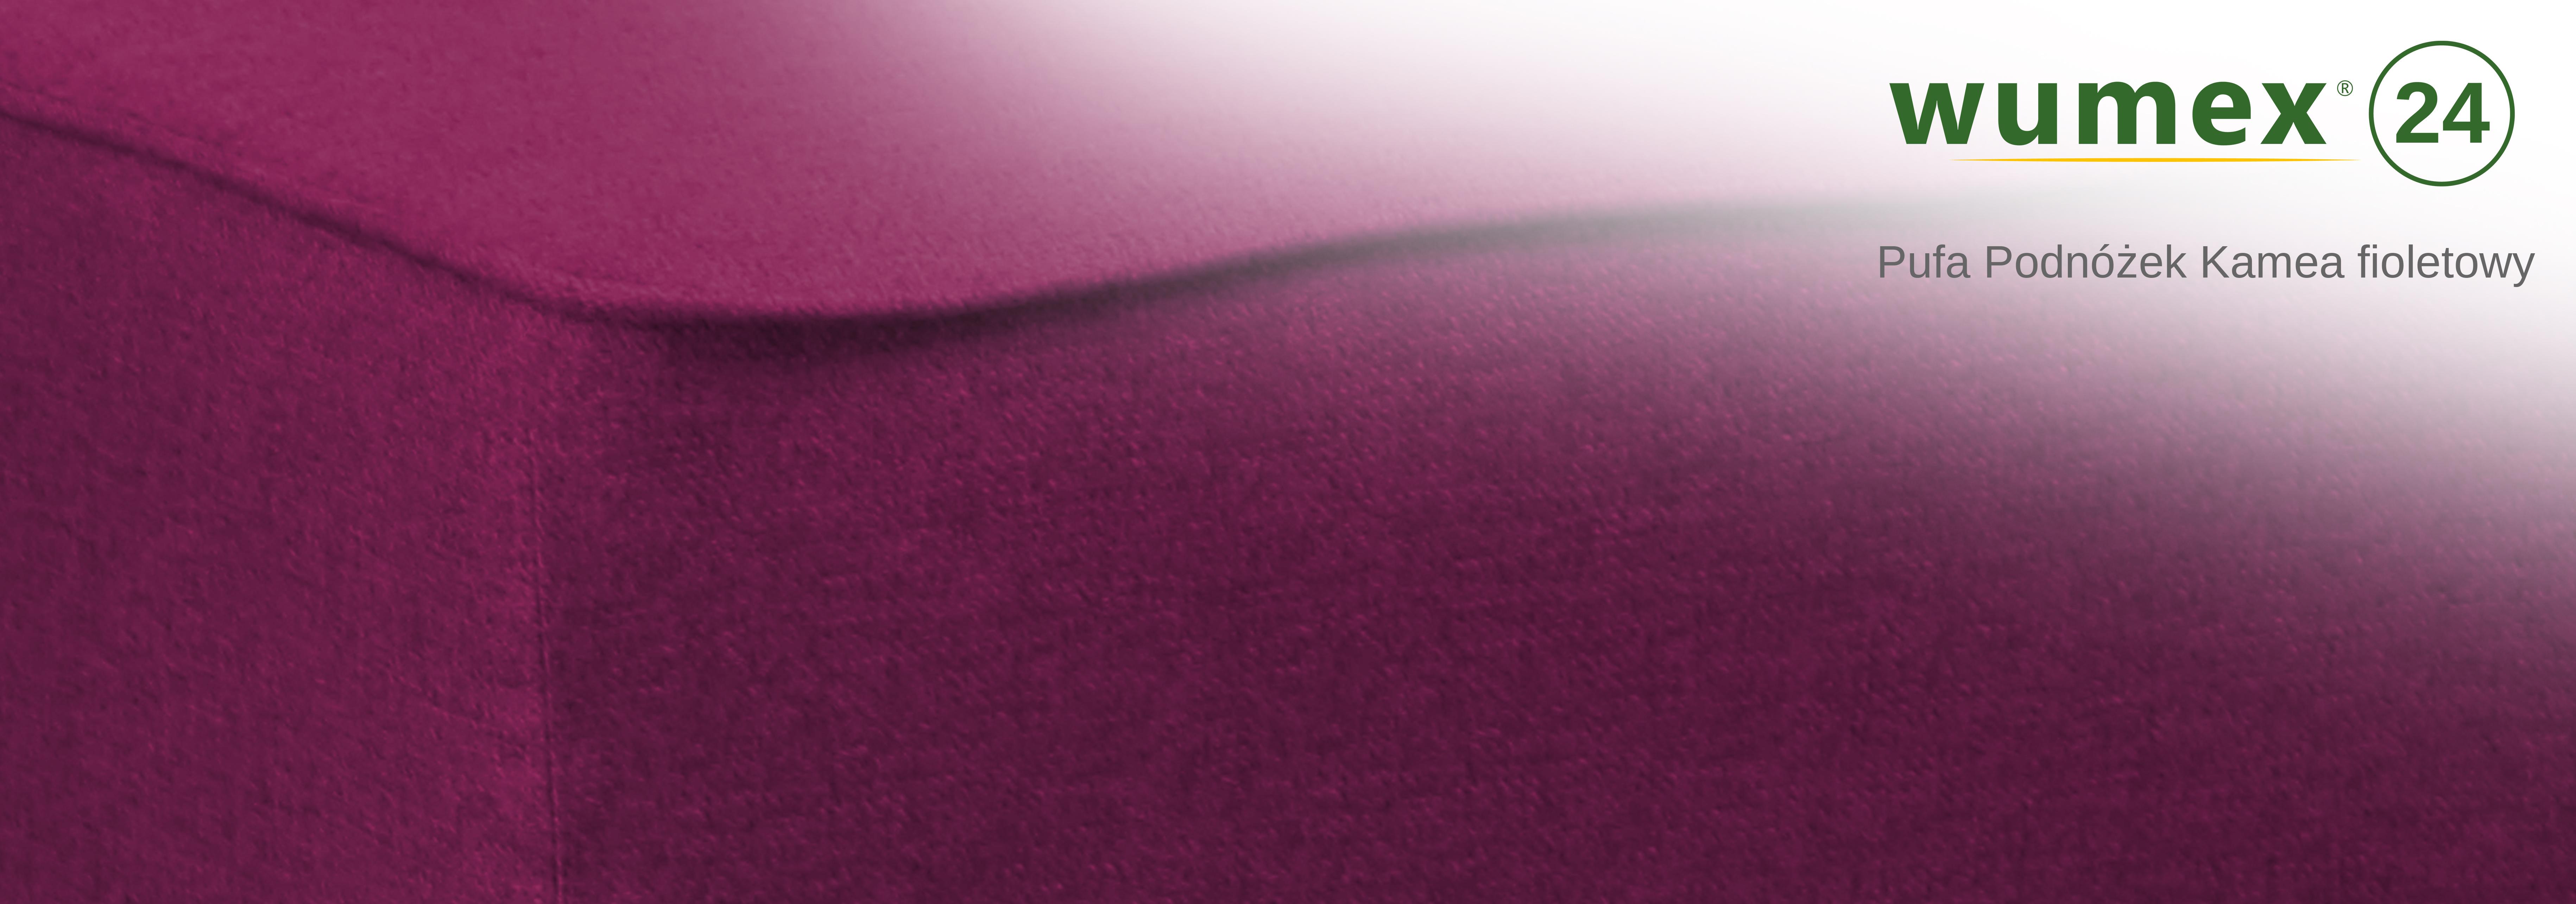 Pufa Podnóżek Kamea fioletowy – WYBÓR KOLORU NÓŻEK – DARMOWA DOSTAWA